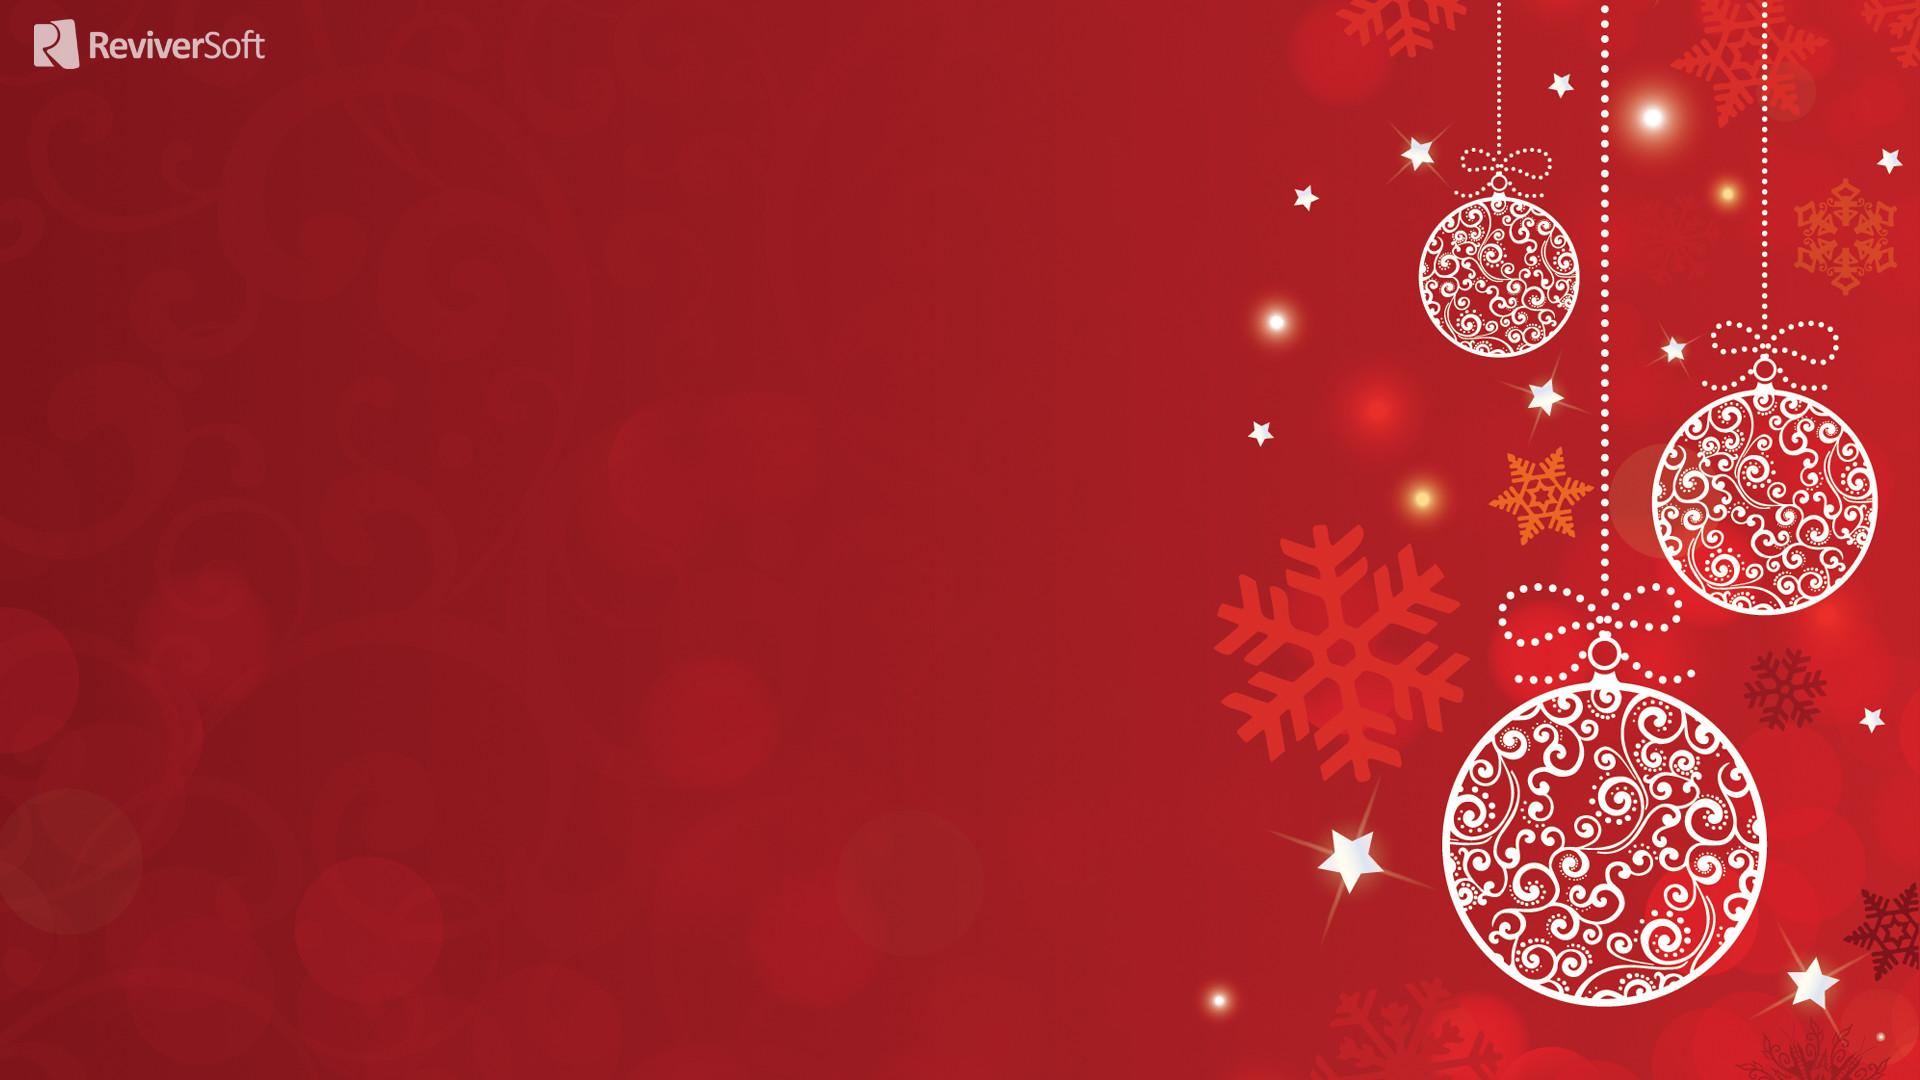 Christmas_wallpapers_White_Christmas_decorations_on_a_red_background …  Christmas_wallpapers_White_Christmas_decorations_on_a_red_background .